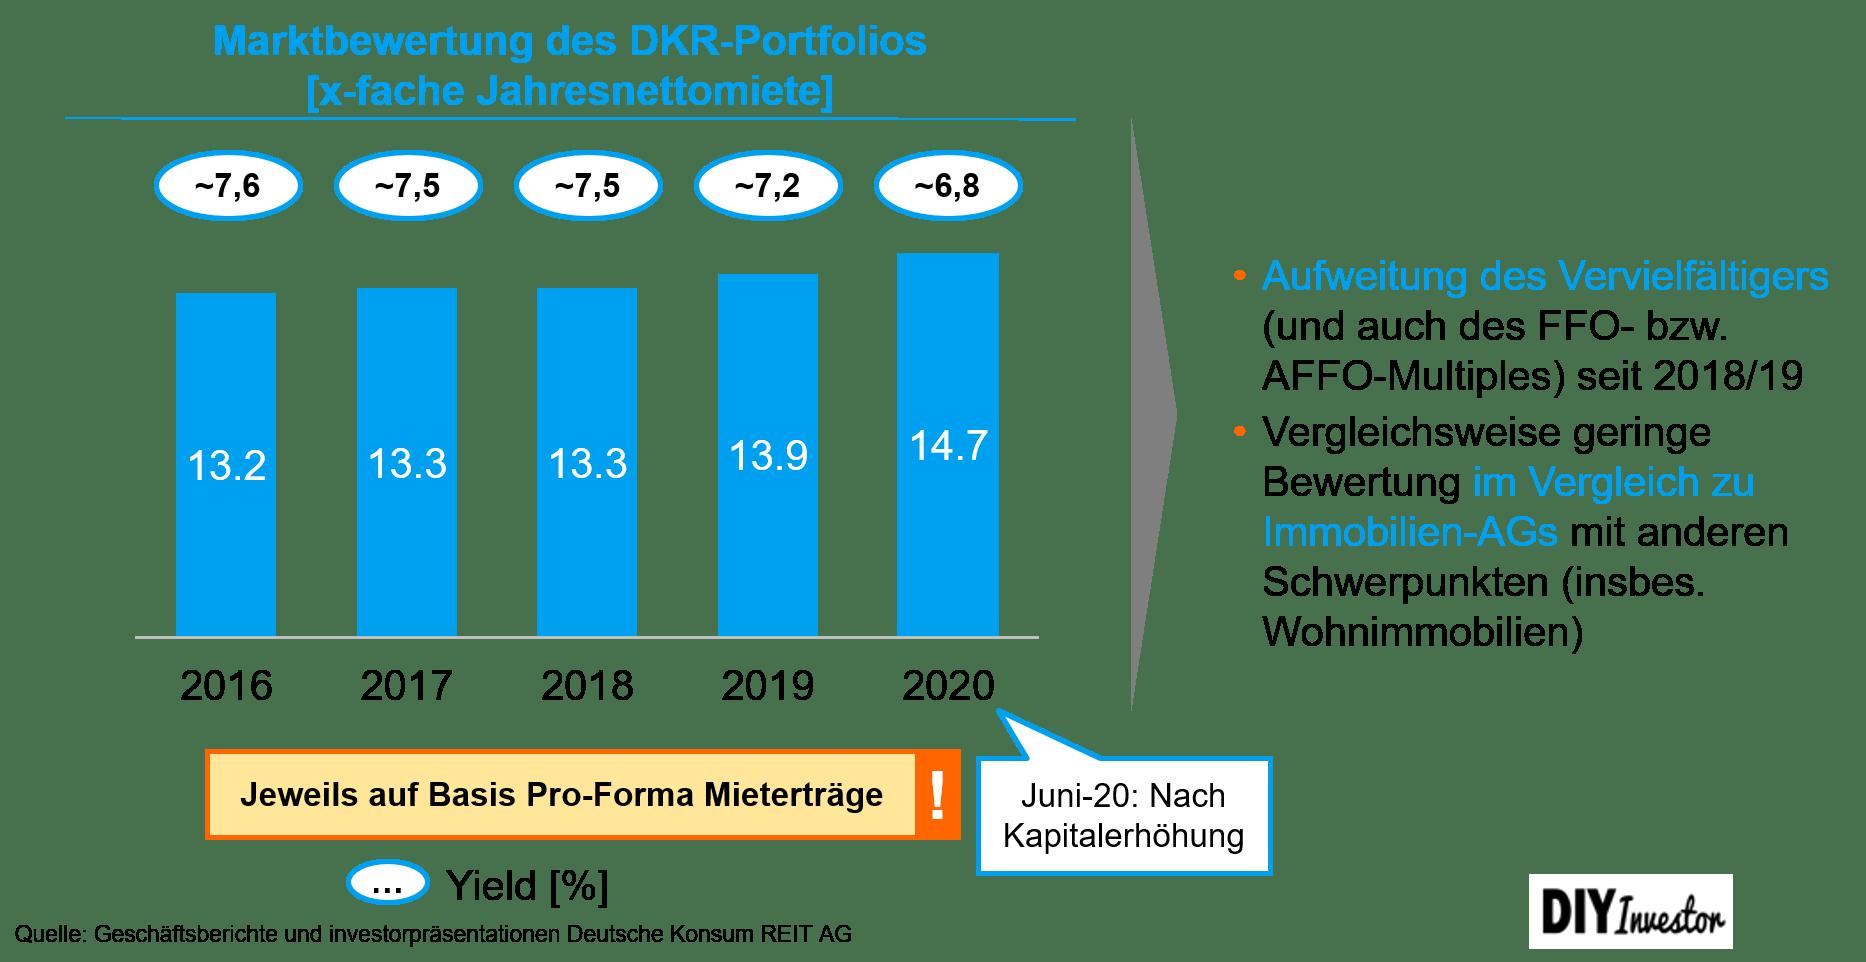 Multiple Aufweitung Deutsche Konsum REIT